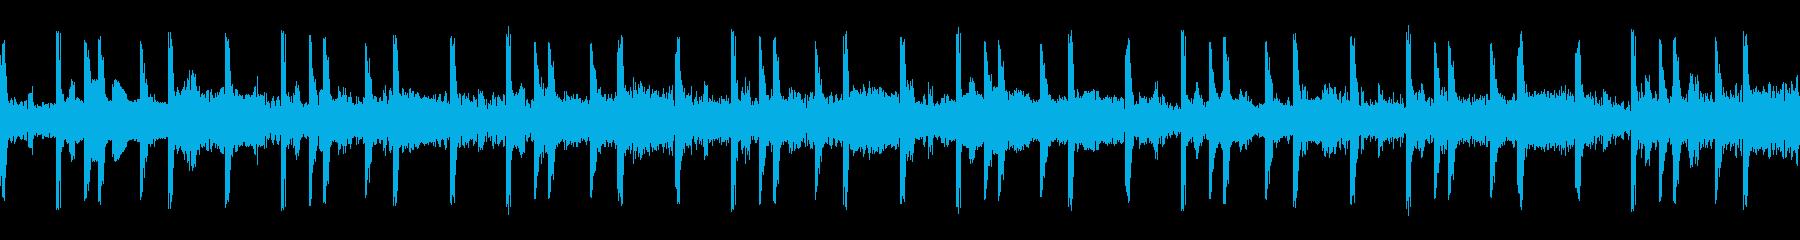 シリアスでシンプルなループBGMの再生済みの波形